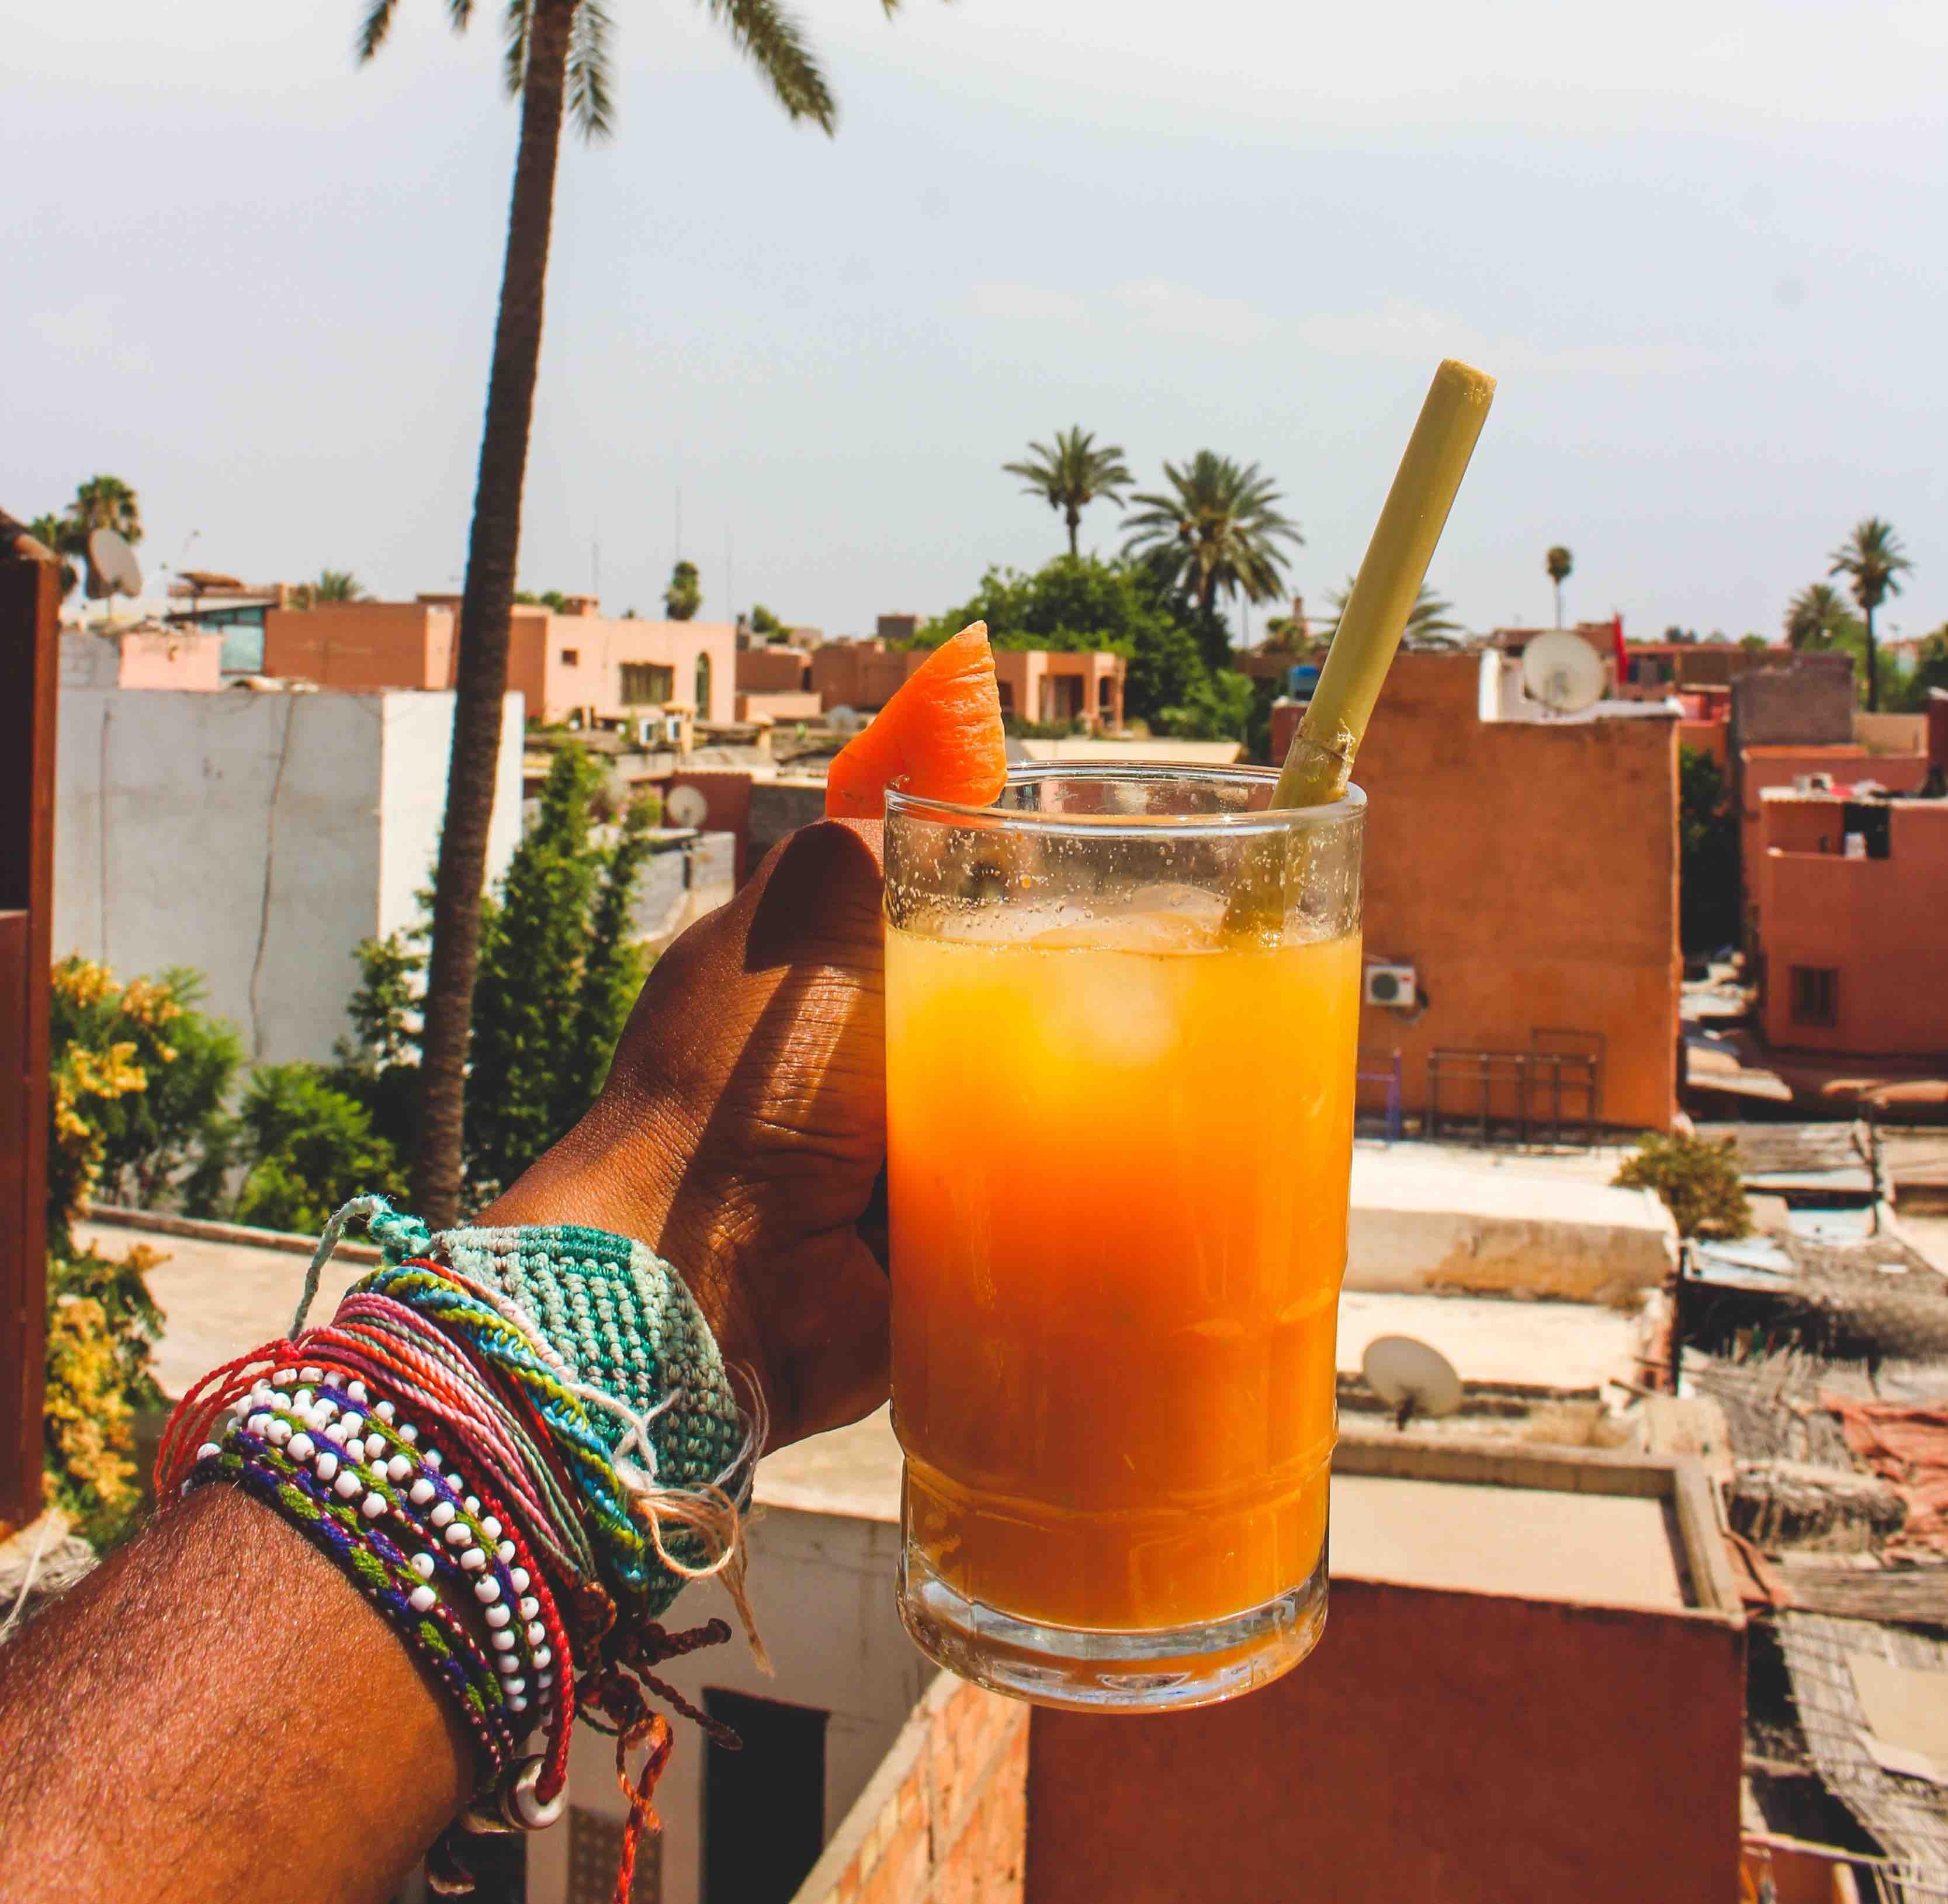 Locations de vacances : Avito.ma dévoile ses chiffres